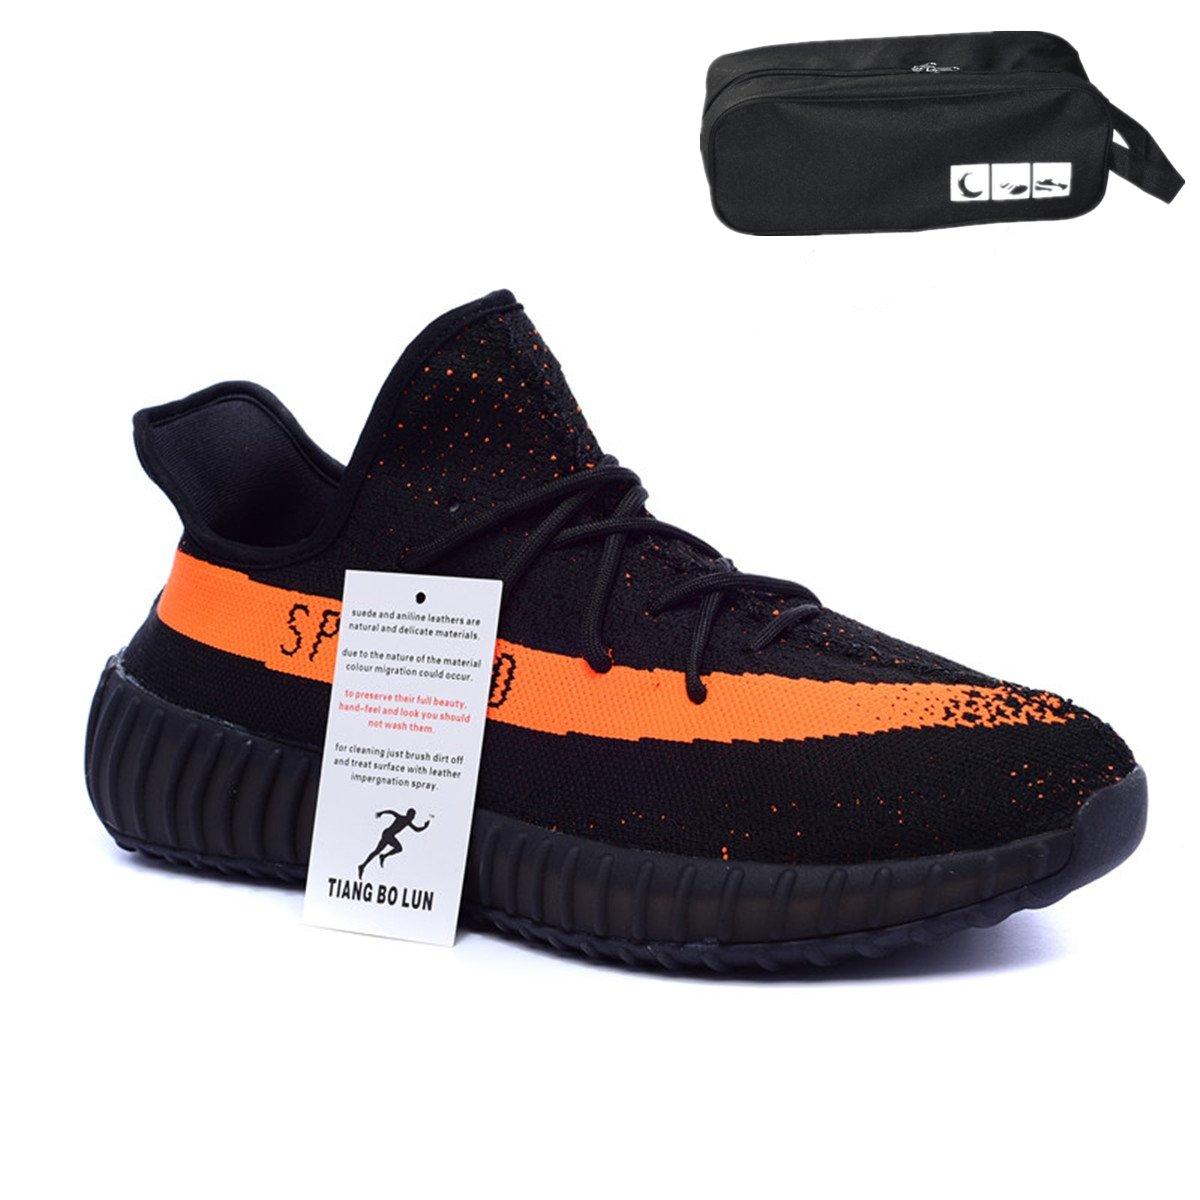 TIANGBOLUN 350 V2 Sneakers Destroyer Sneakers Lifting Size 12 Women's Sneakers Yeezy Men's Sneakers leeng Sneakers Enhancement Boost 350 Free Waterproof Bags (US_9.5/EUR_43/cm_26.5, Black Orange)